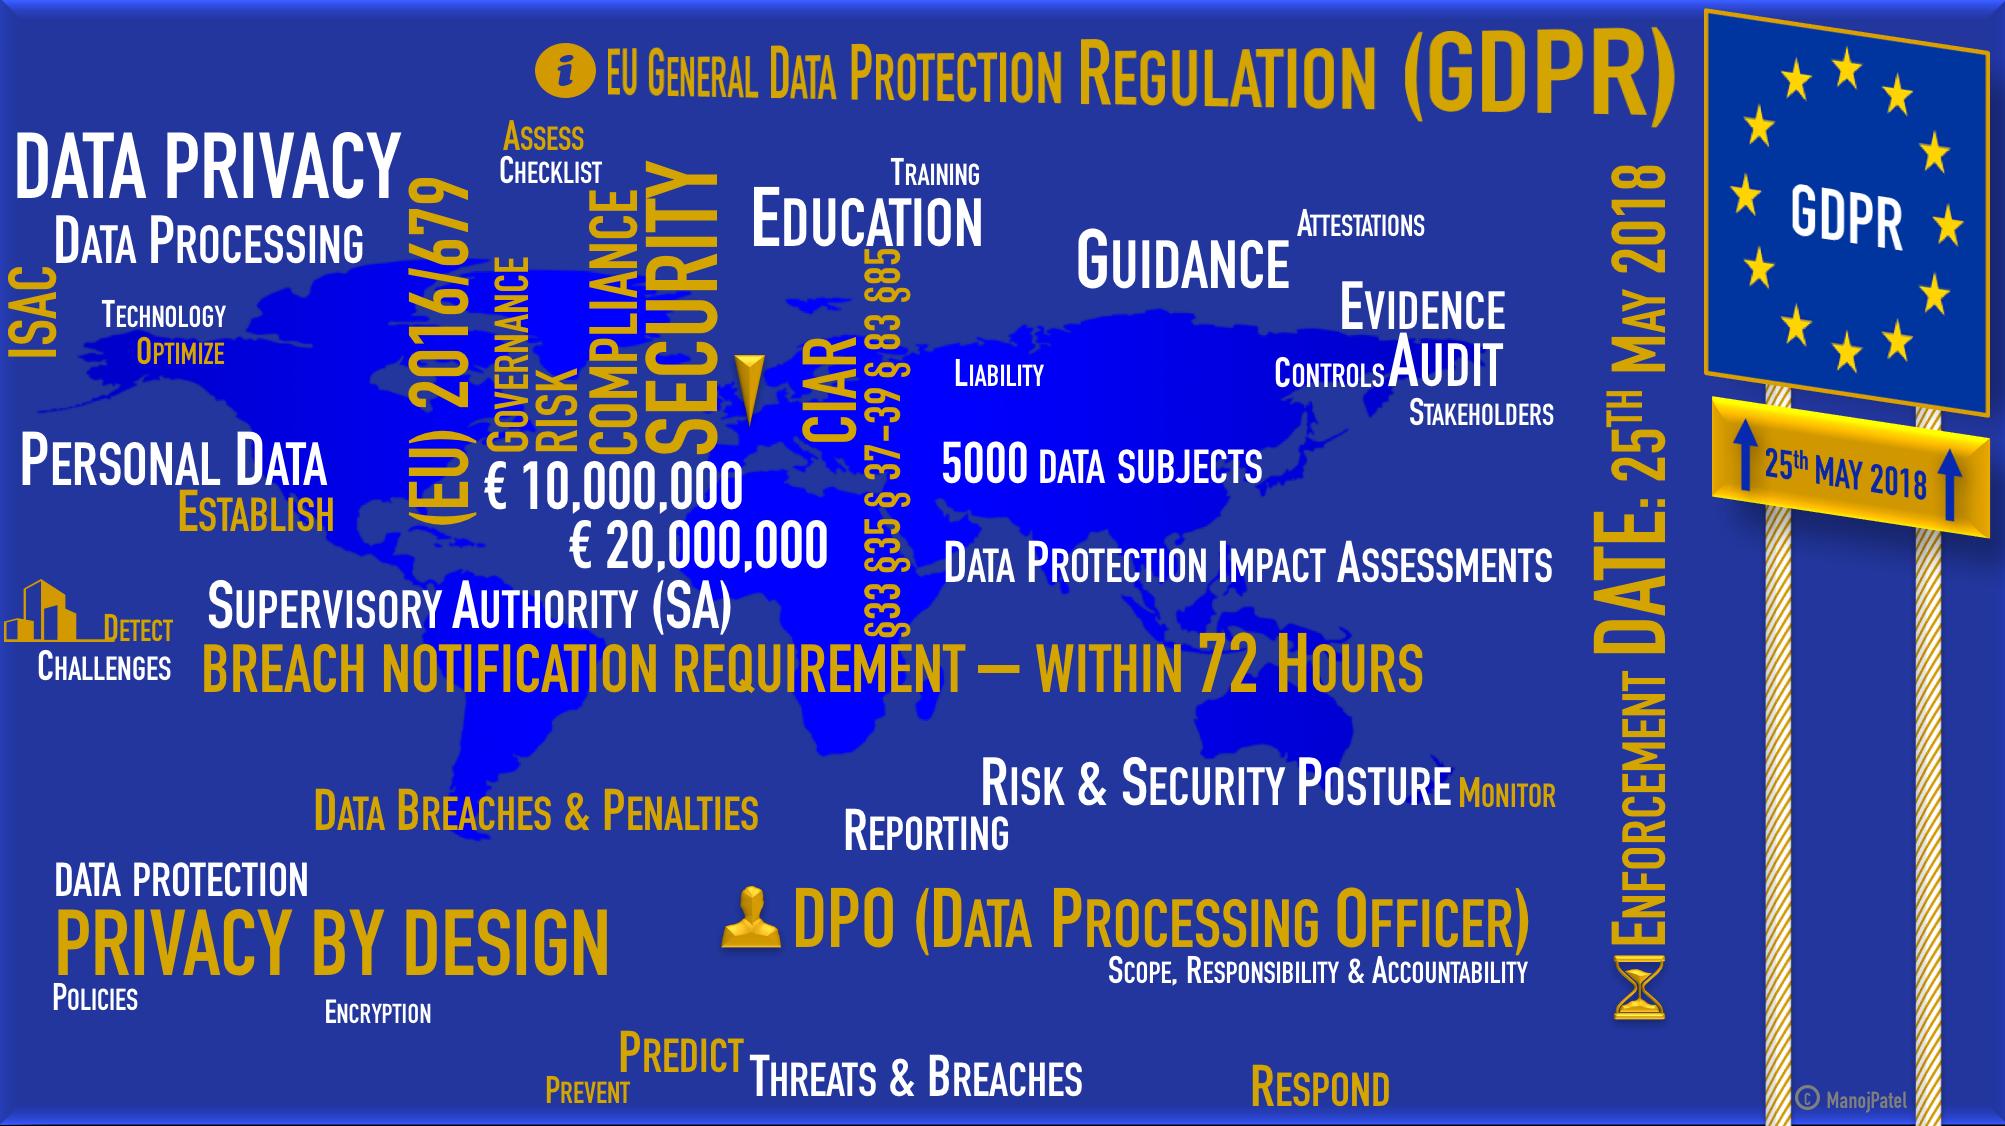 Manoj Patel's GDPR word image